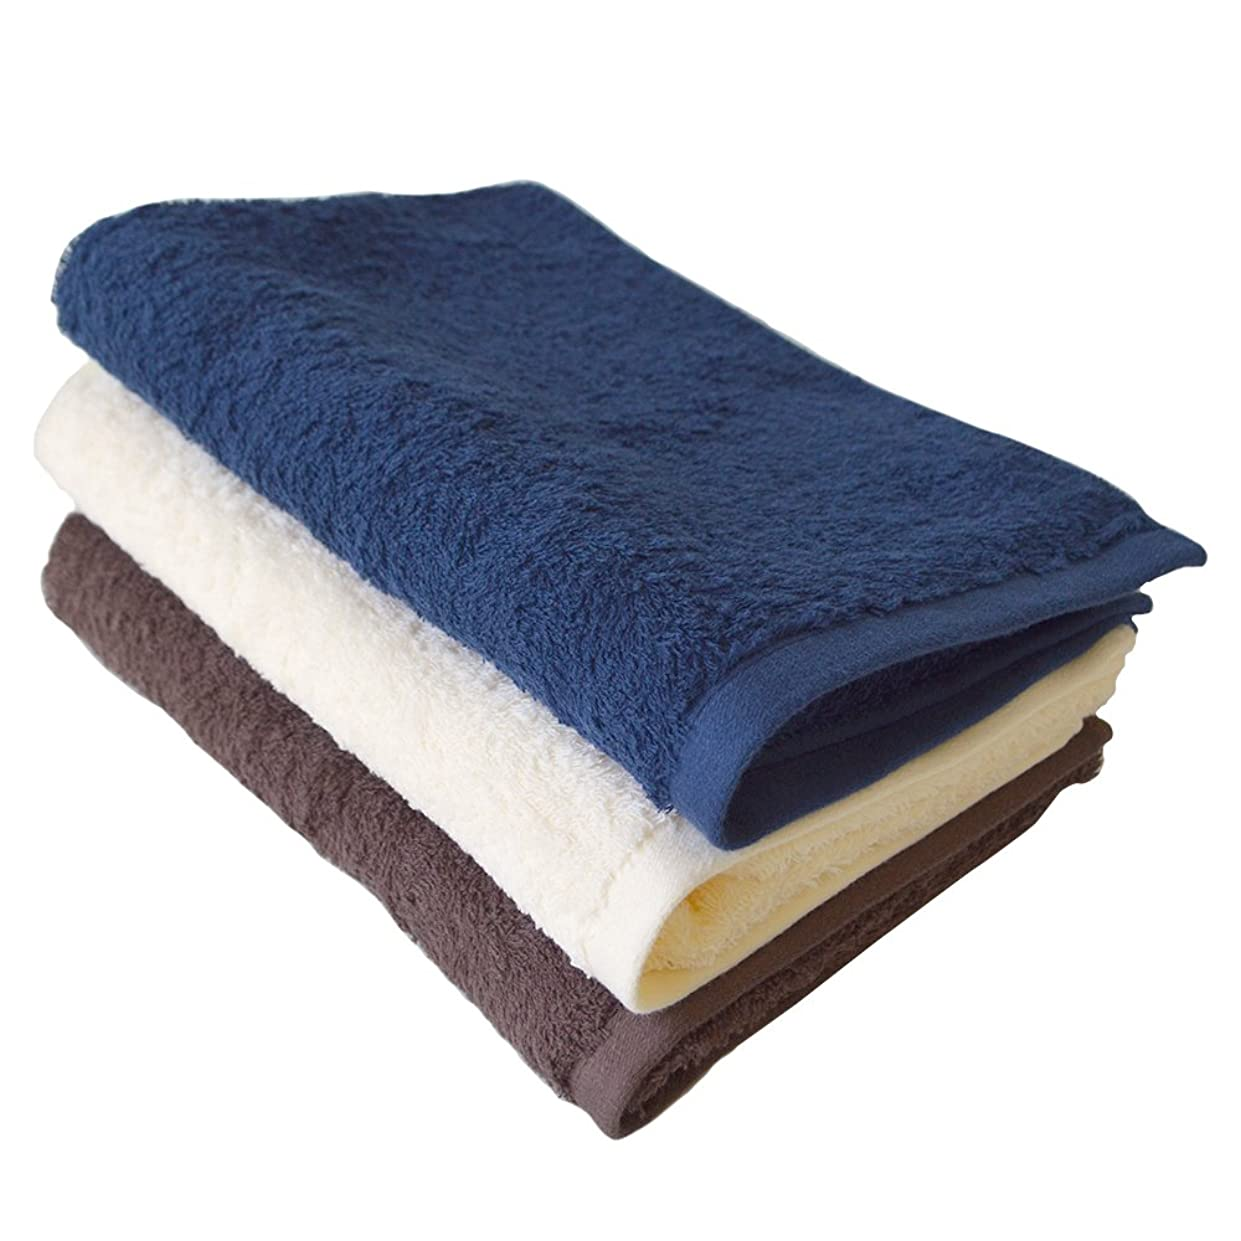 銀行ビジネスバルブTRANPARAN 今治タオル 認定 ライフタオル コンパクトバスタオル 3枚セット 日本製 速乾 (3カラー)